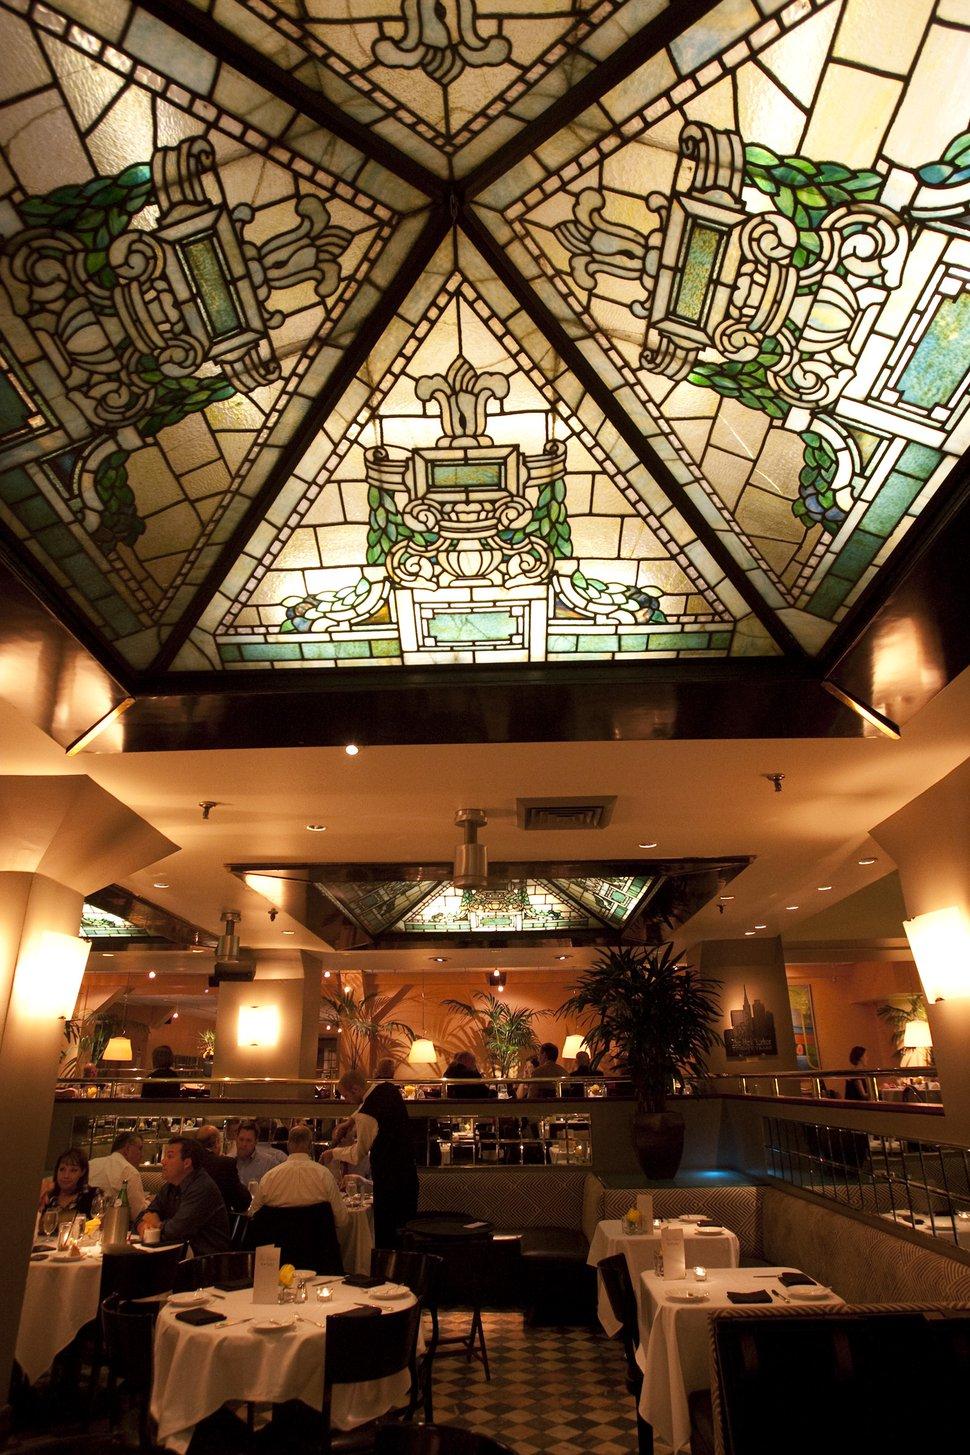 (Chris Detrick | The Salt Lake Tribune) Diners eat at at the New Yorker Restaurant, Thursday, Sept. 17, 2009.